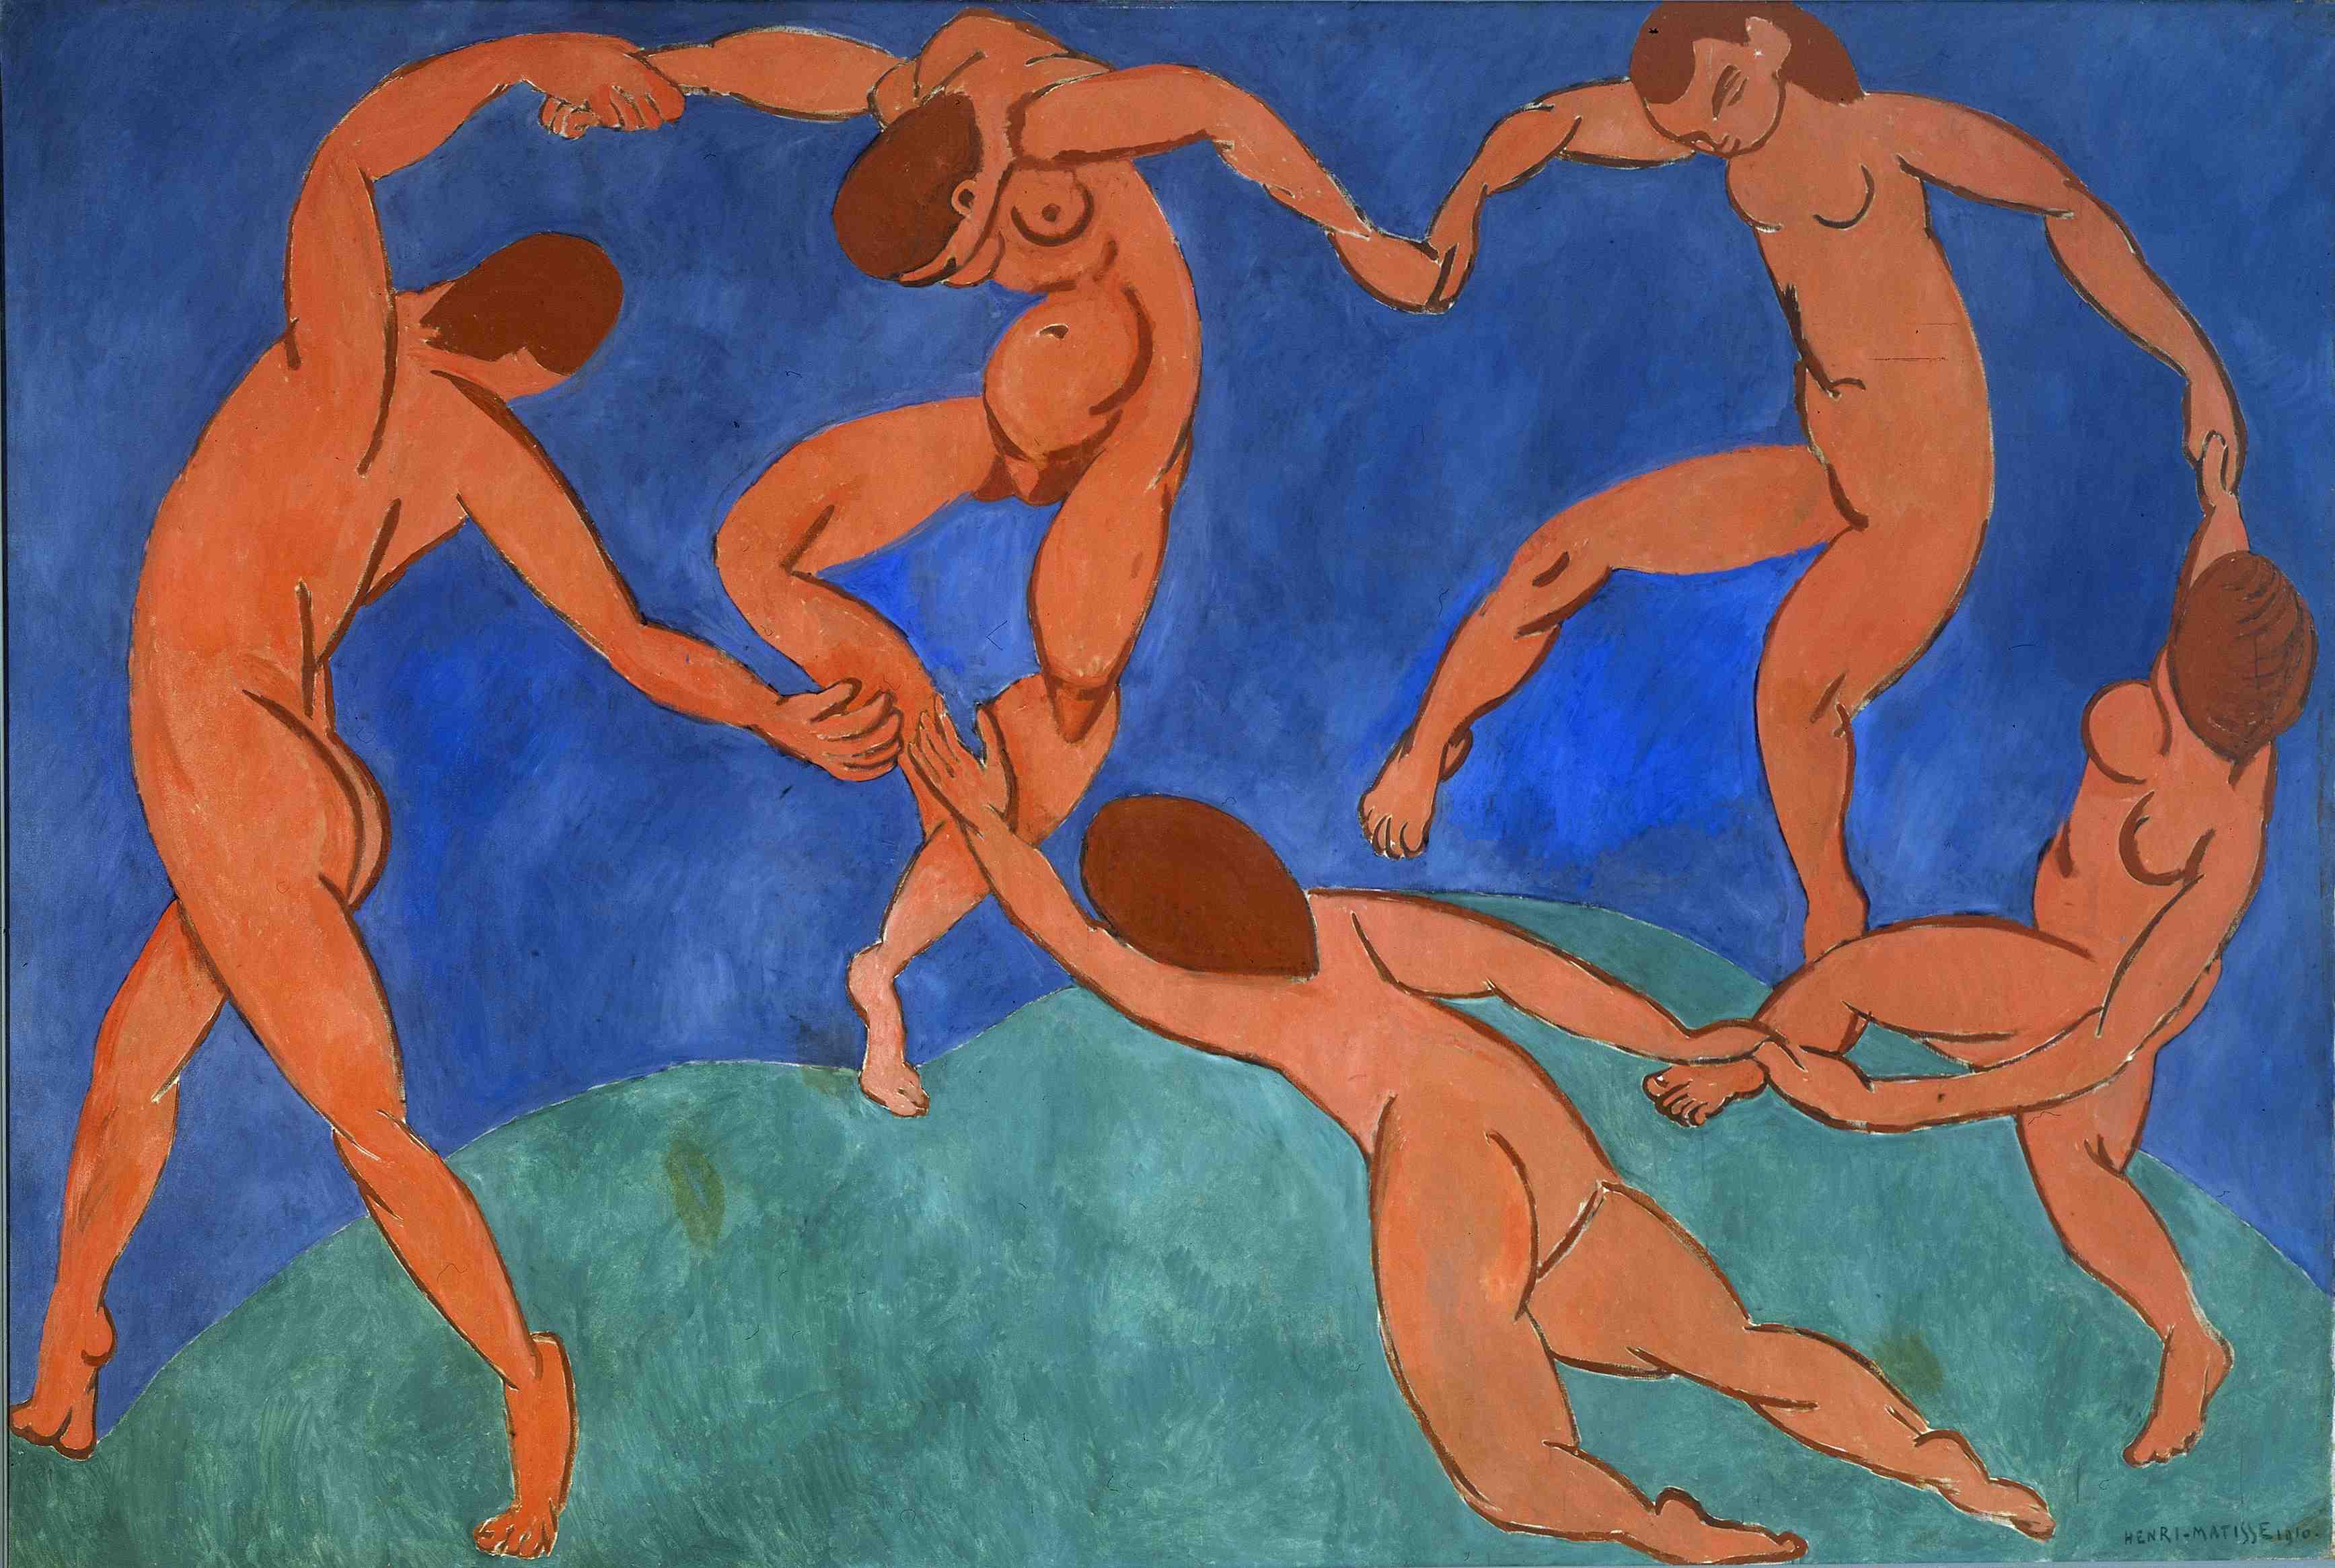 danza baile biodanza matisse